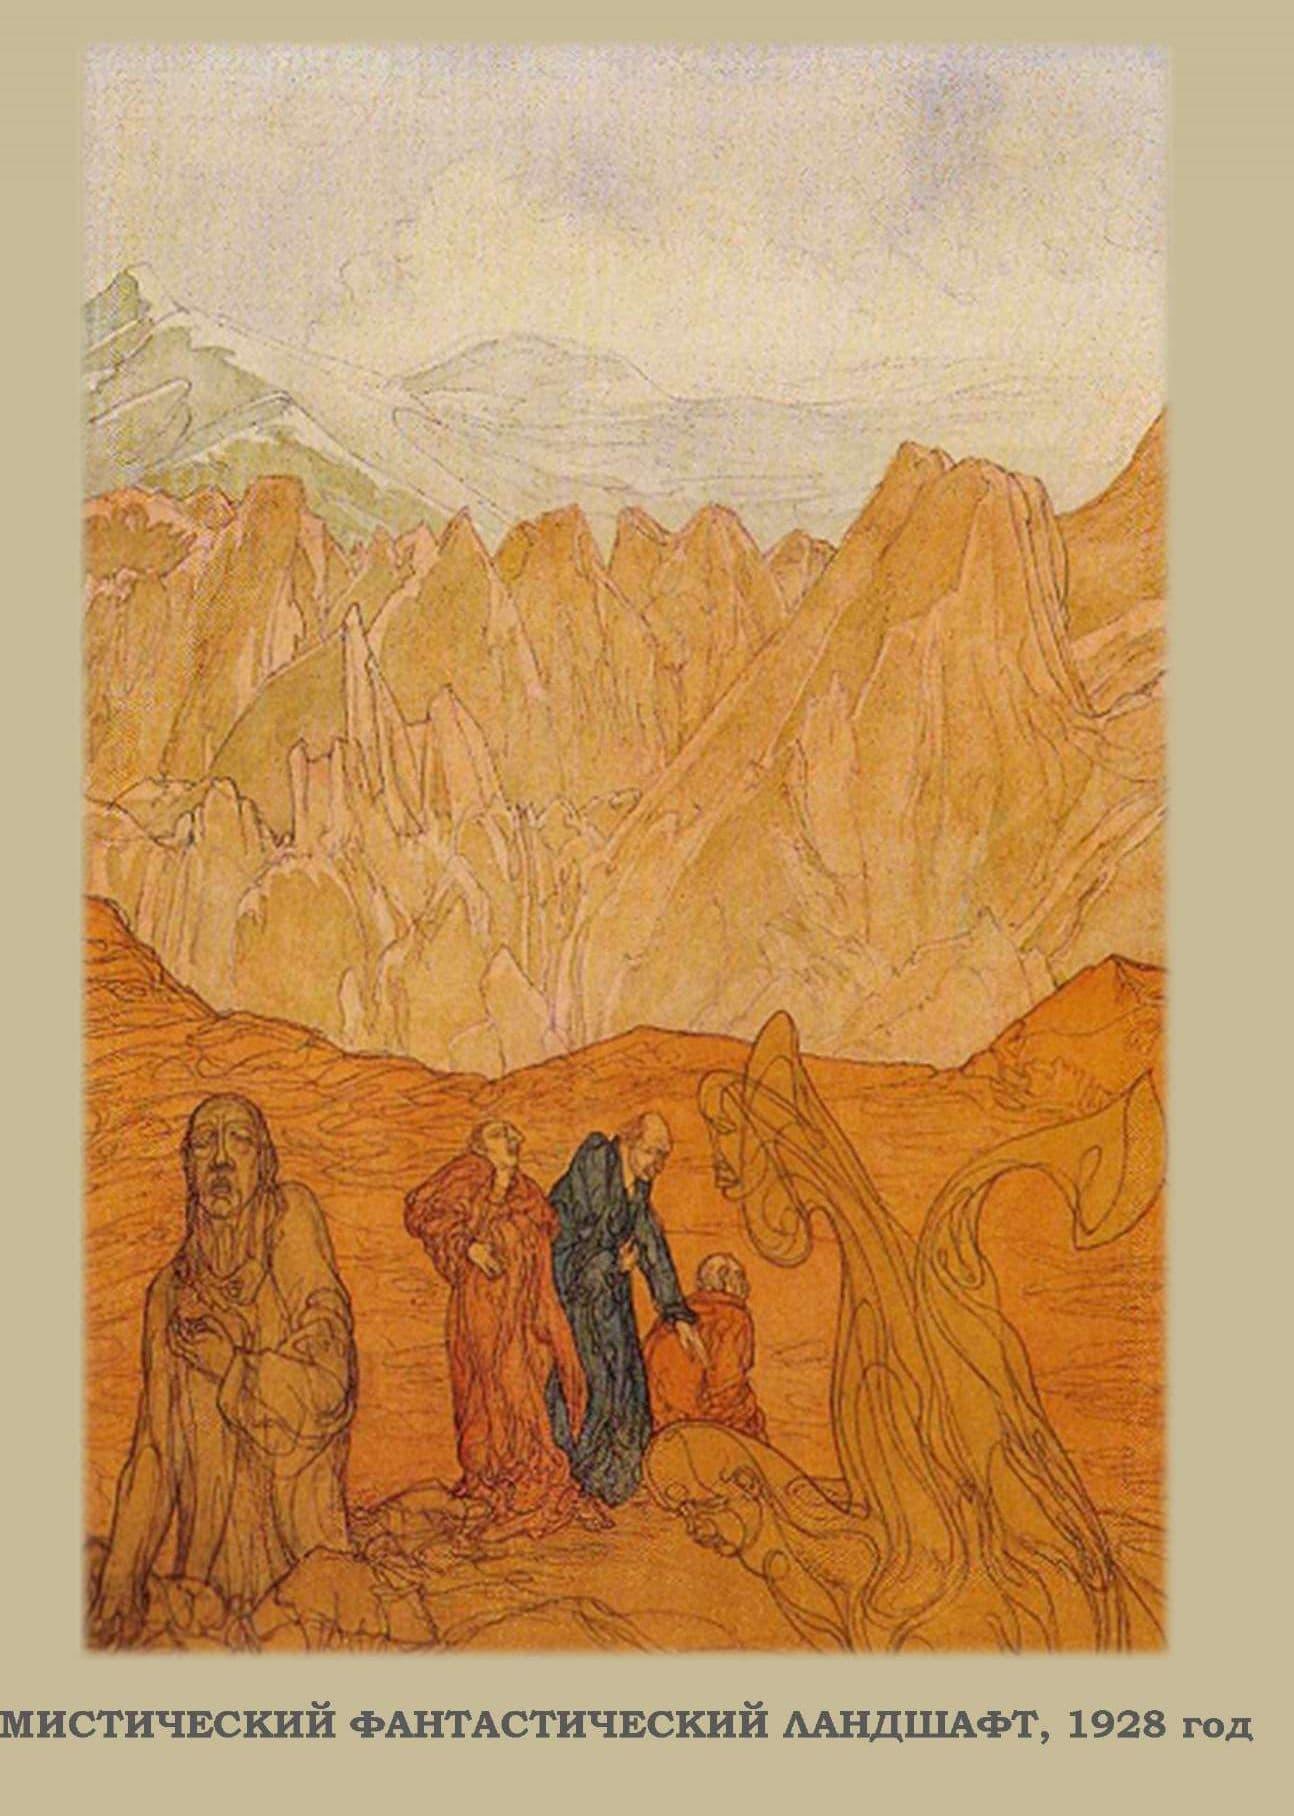 Вводное Эссе относительно Искусства и Магии Остина Османа Спэйра